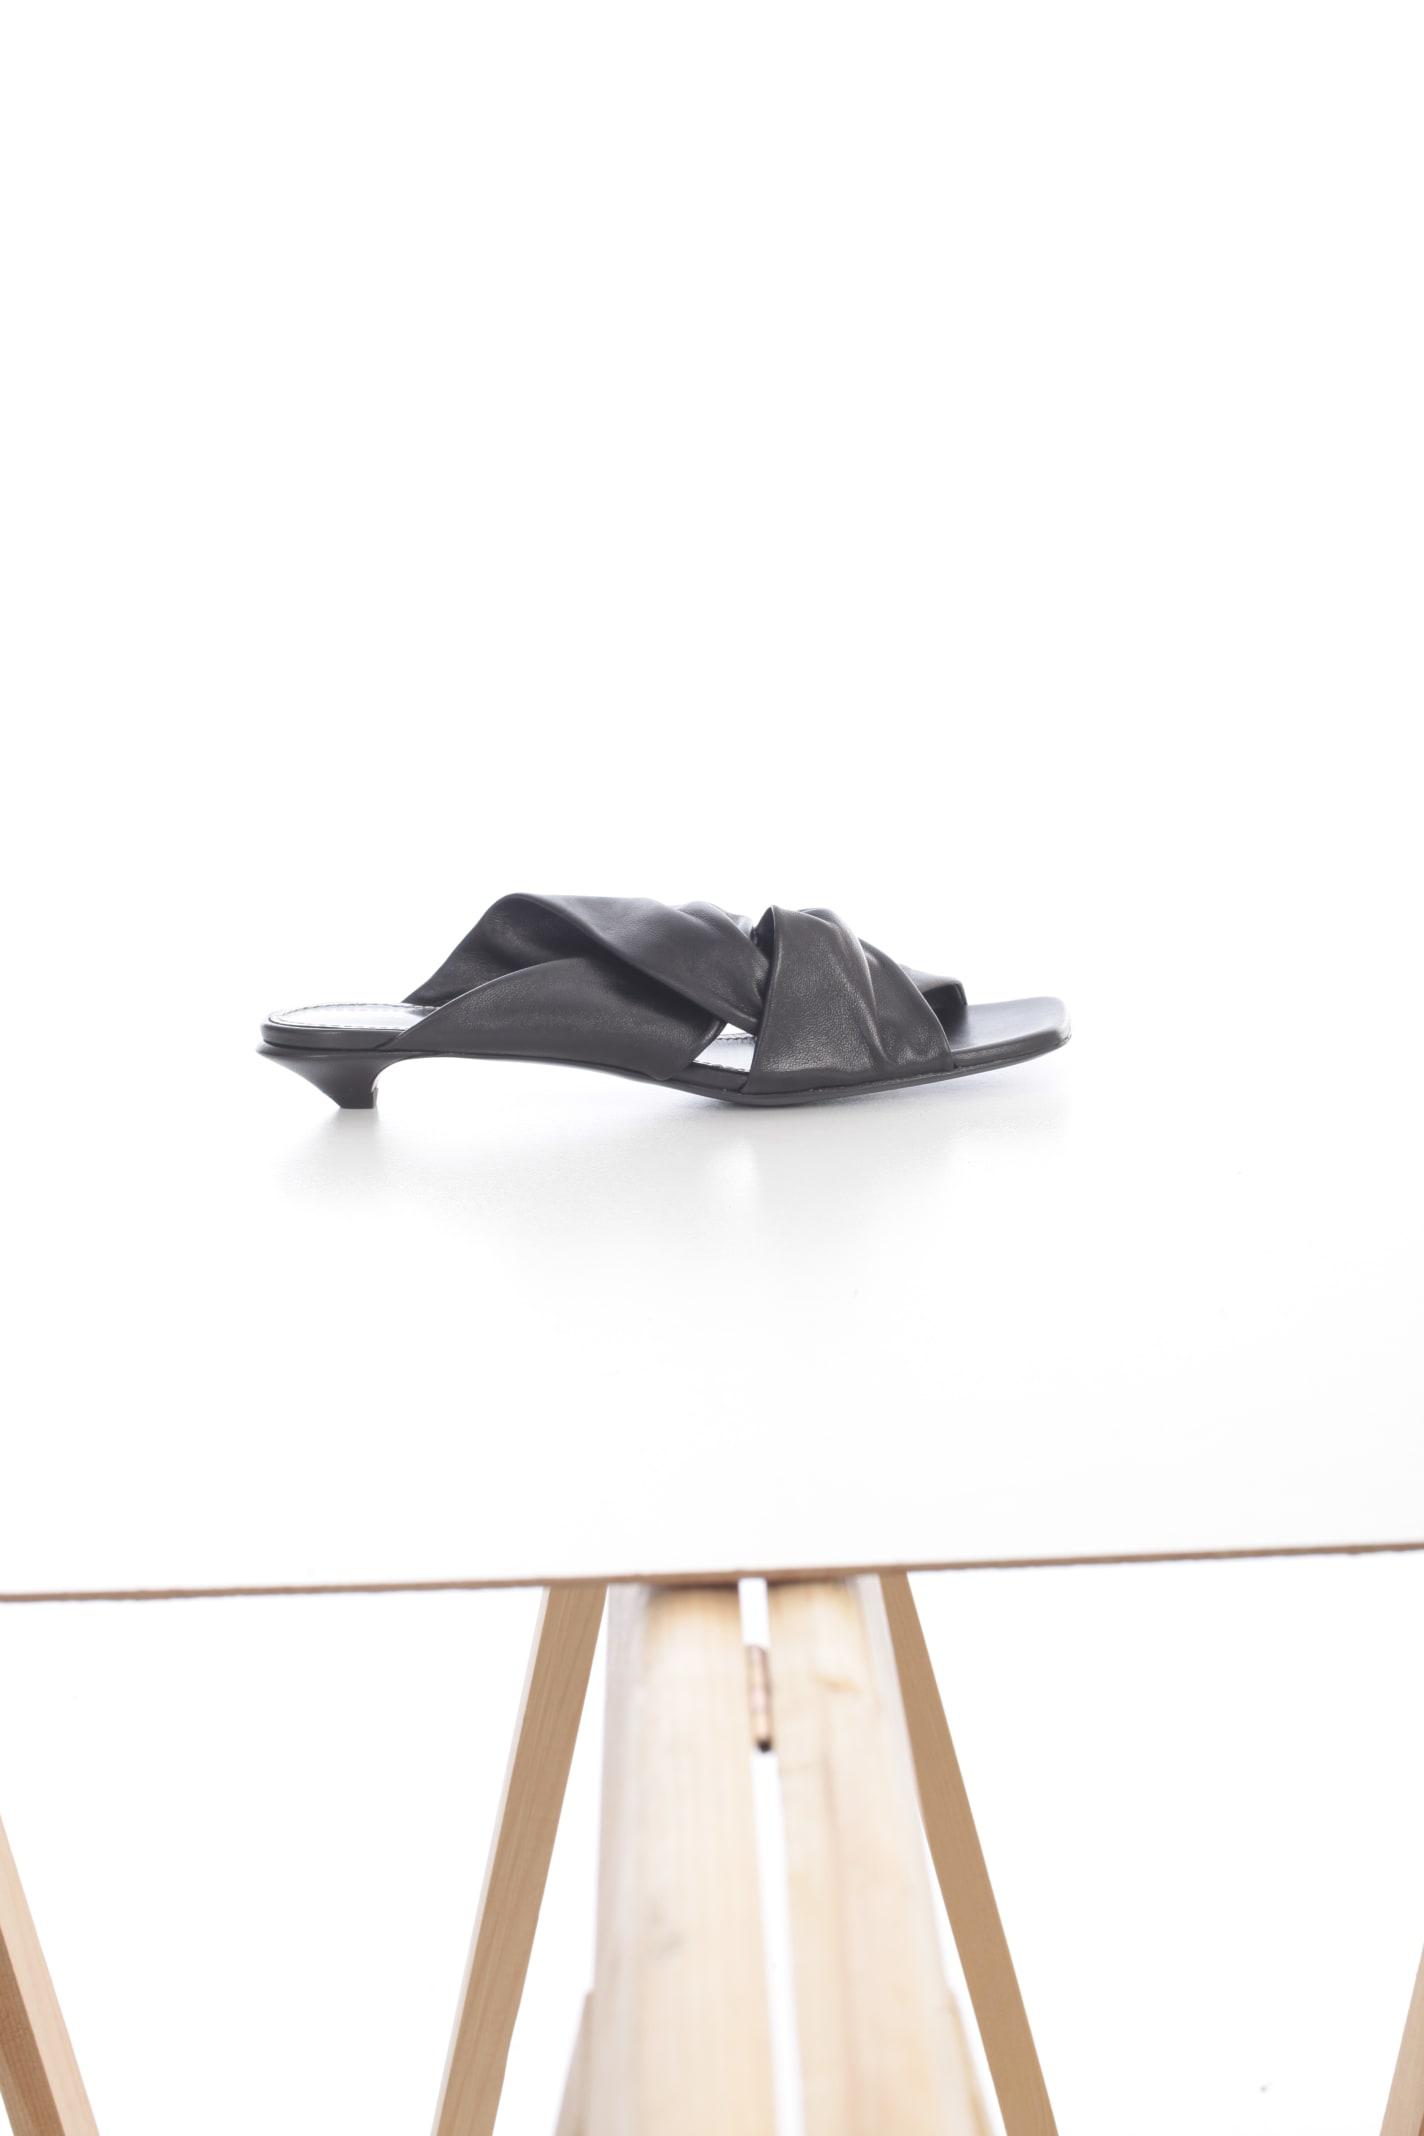 Proenza Schouler Low heels OPEN TOE SANDALS W/2 STRAPS